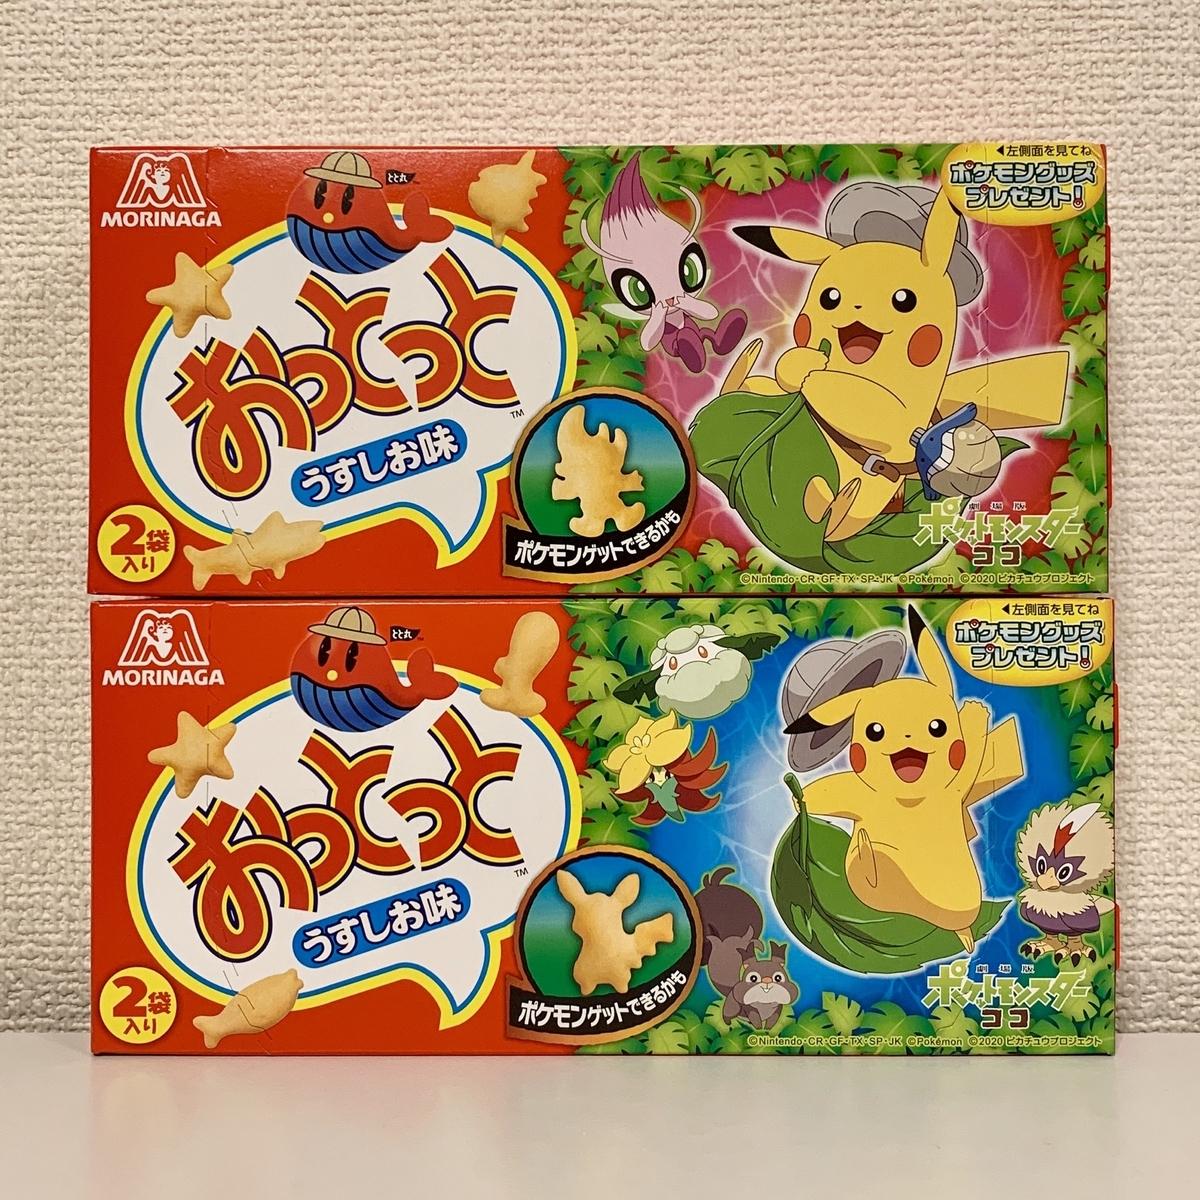 f:id:pikachu_pcn:20200630181622j:plain